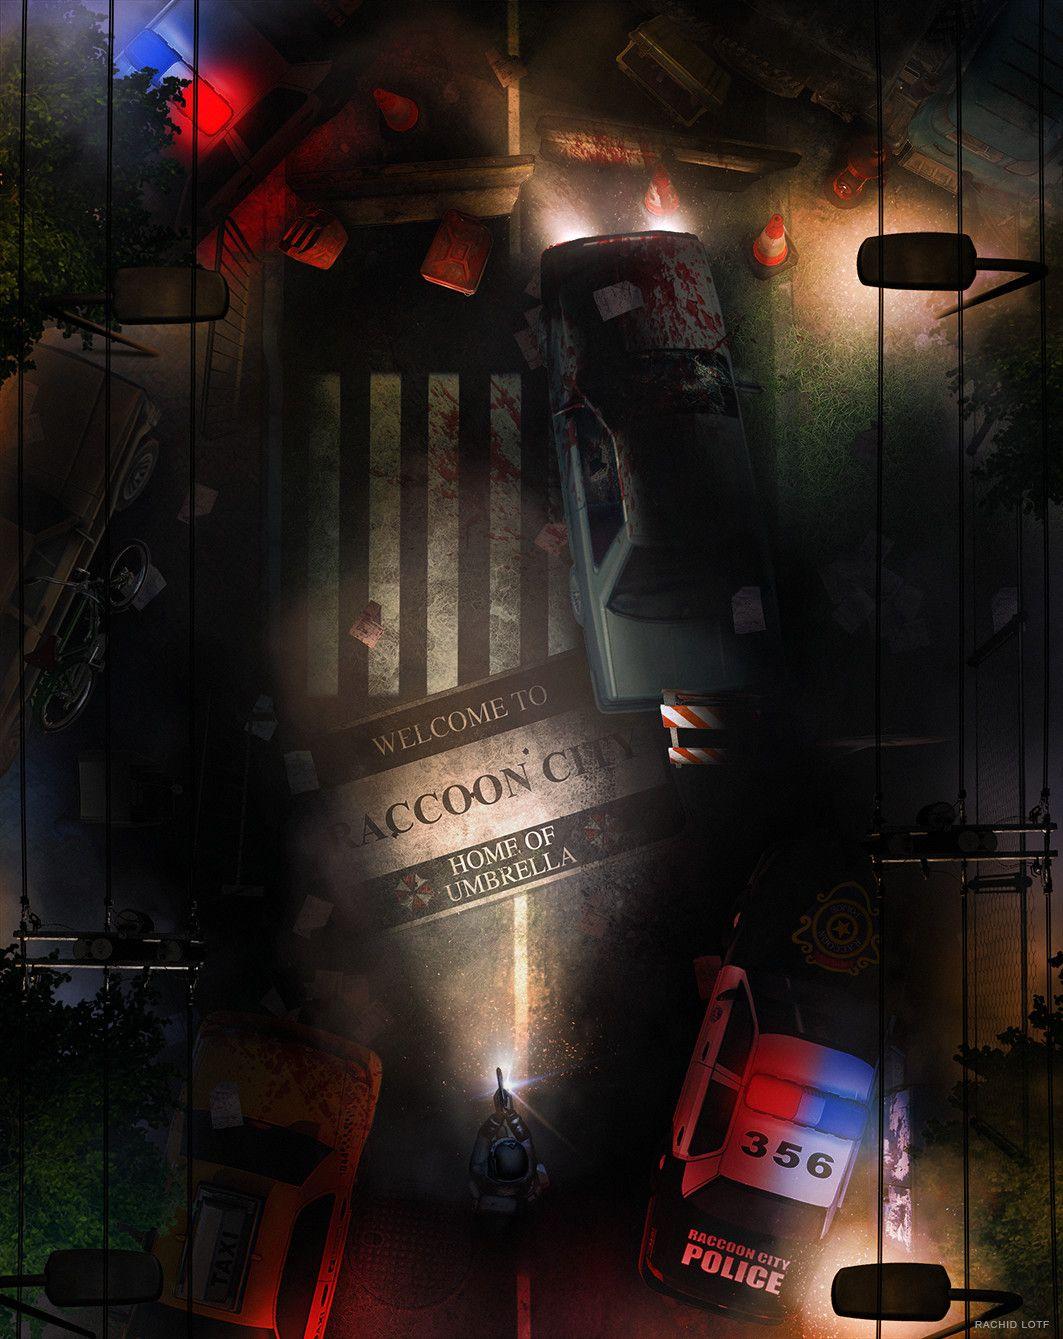 Resident Evil 2 Rachid Lotf On Artstation At Https Www Artstation Com Artwork Rpbeo Resident Evil Game Resident Evil Resident Evil Girl